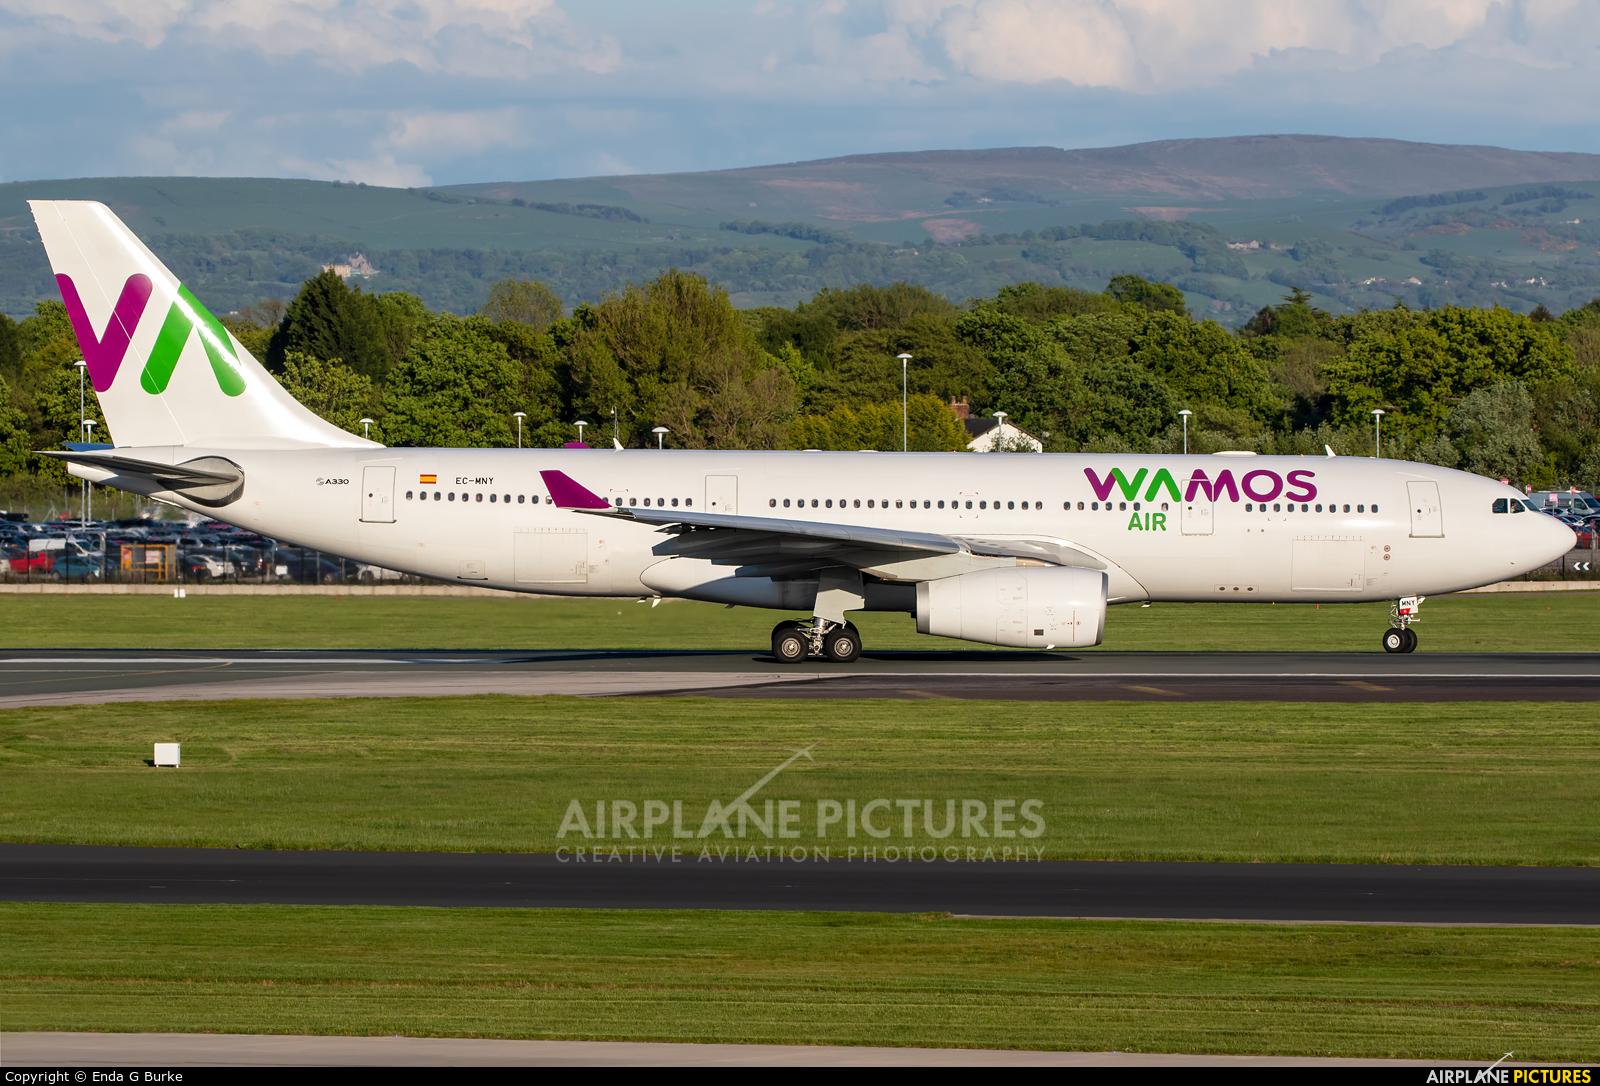 Wamos Air EC-MNY aircraft at Manchester